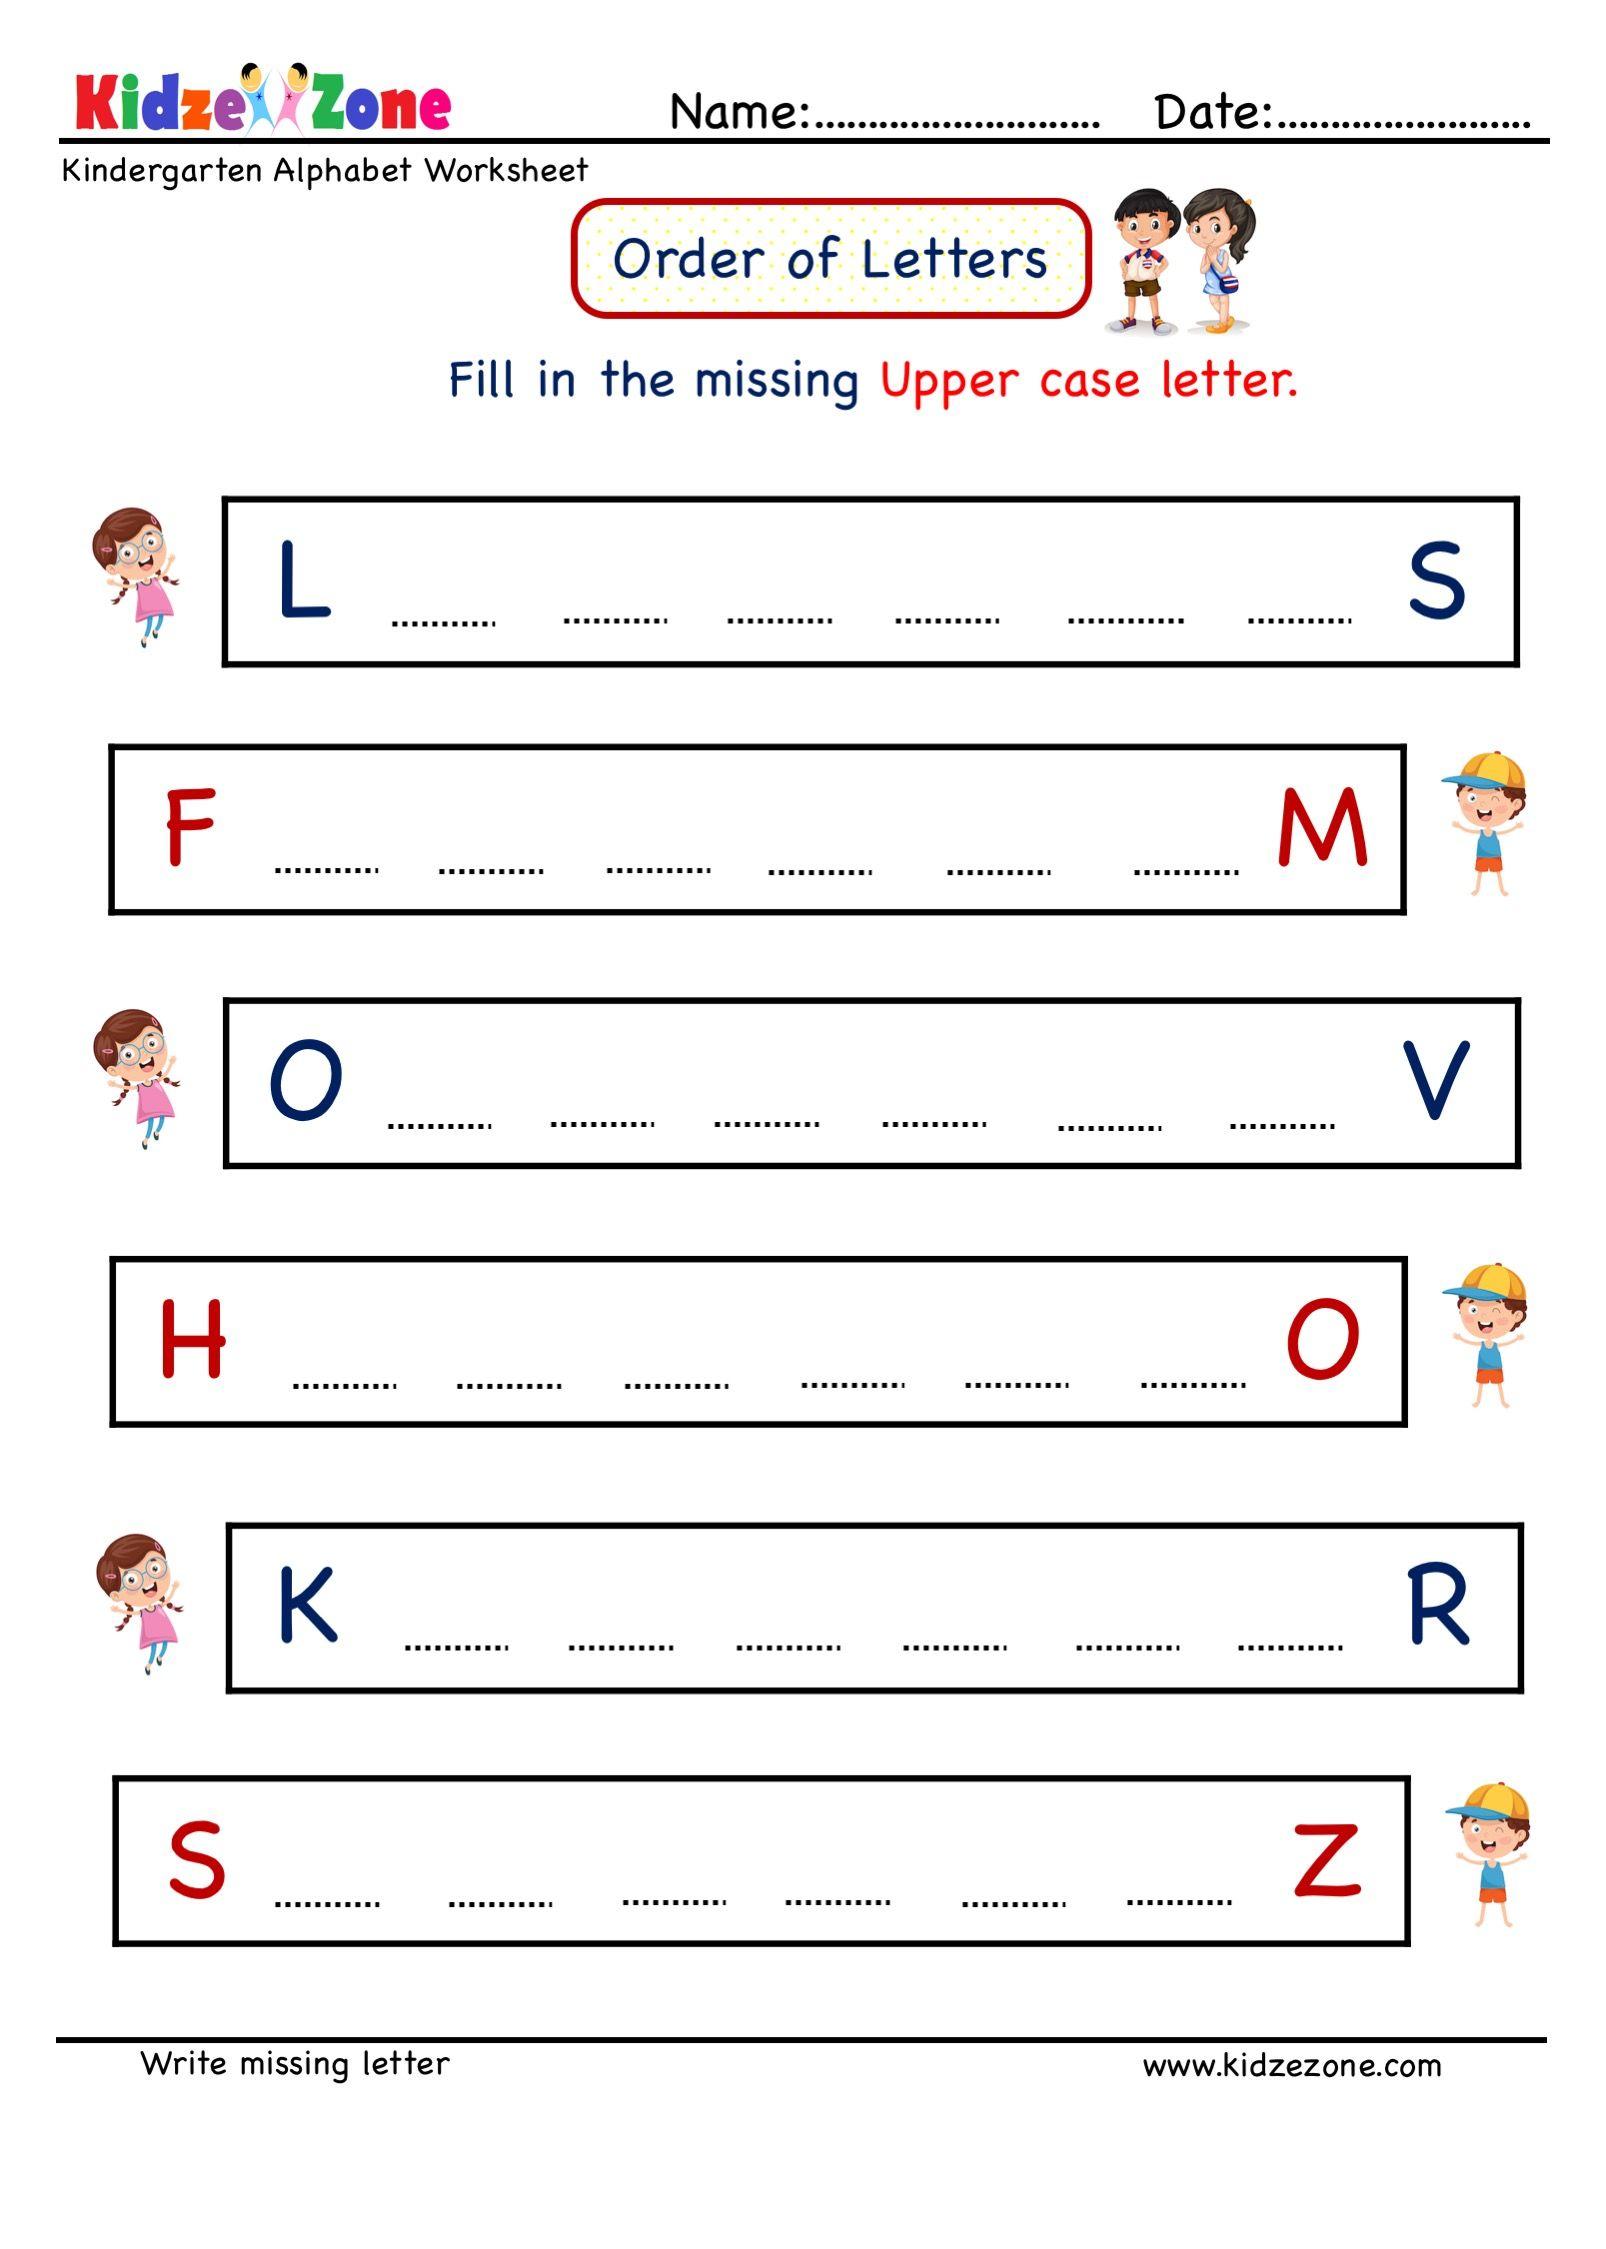 Kindergarten Fill Missing Upper Case Letter In 2020 Letter Worksheets Kindergarten Letter Worksheets Letter Writing Kindergarten